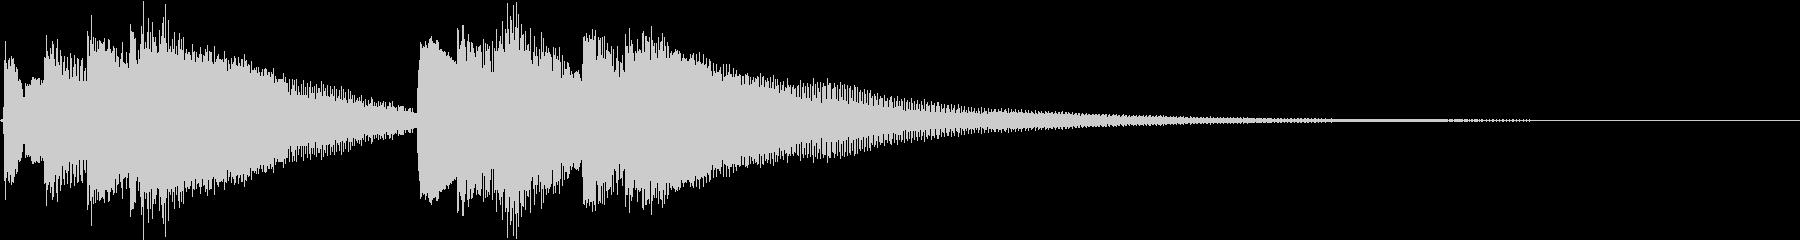 和風 箏(琴)下がっていく音2の未再生の波形